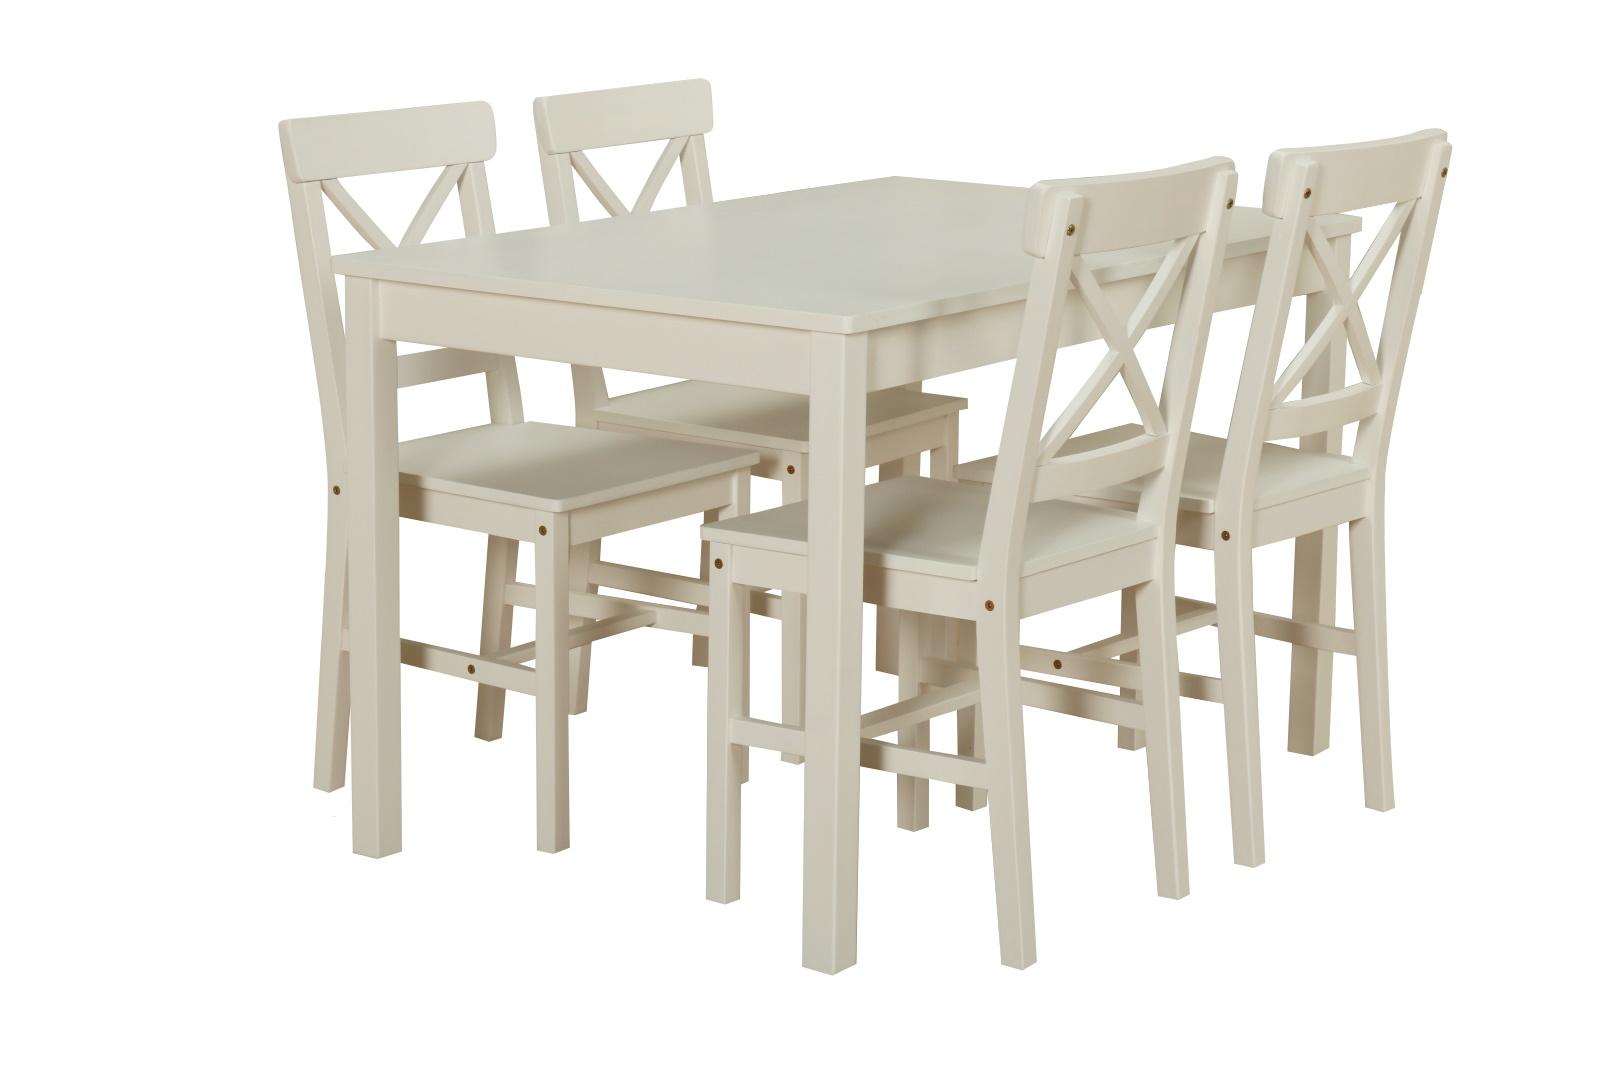 Kiefer Landhaus Essgruppe Tisch 4 Stühle Stuhl Sitzgruppe Küche Esstisch  Weiß